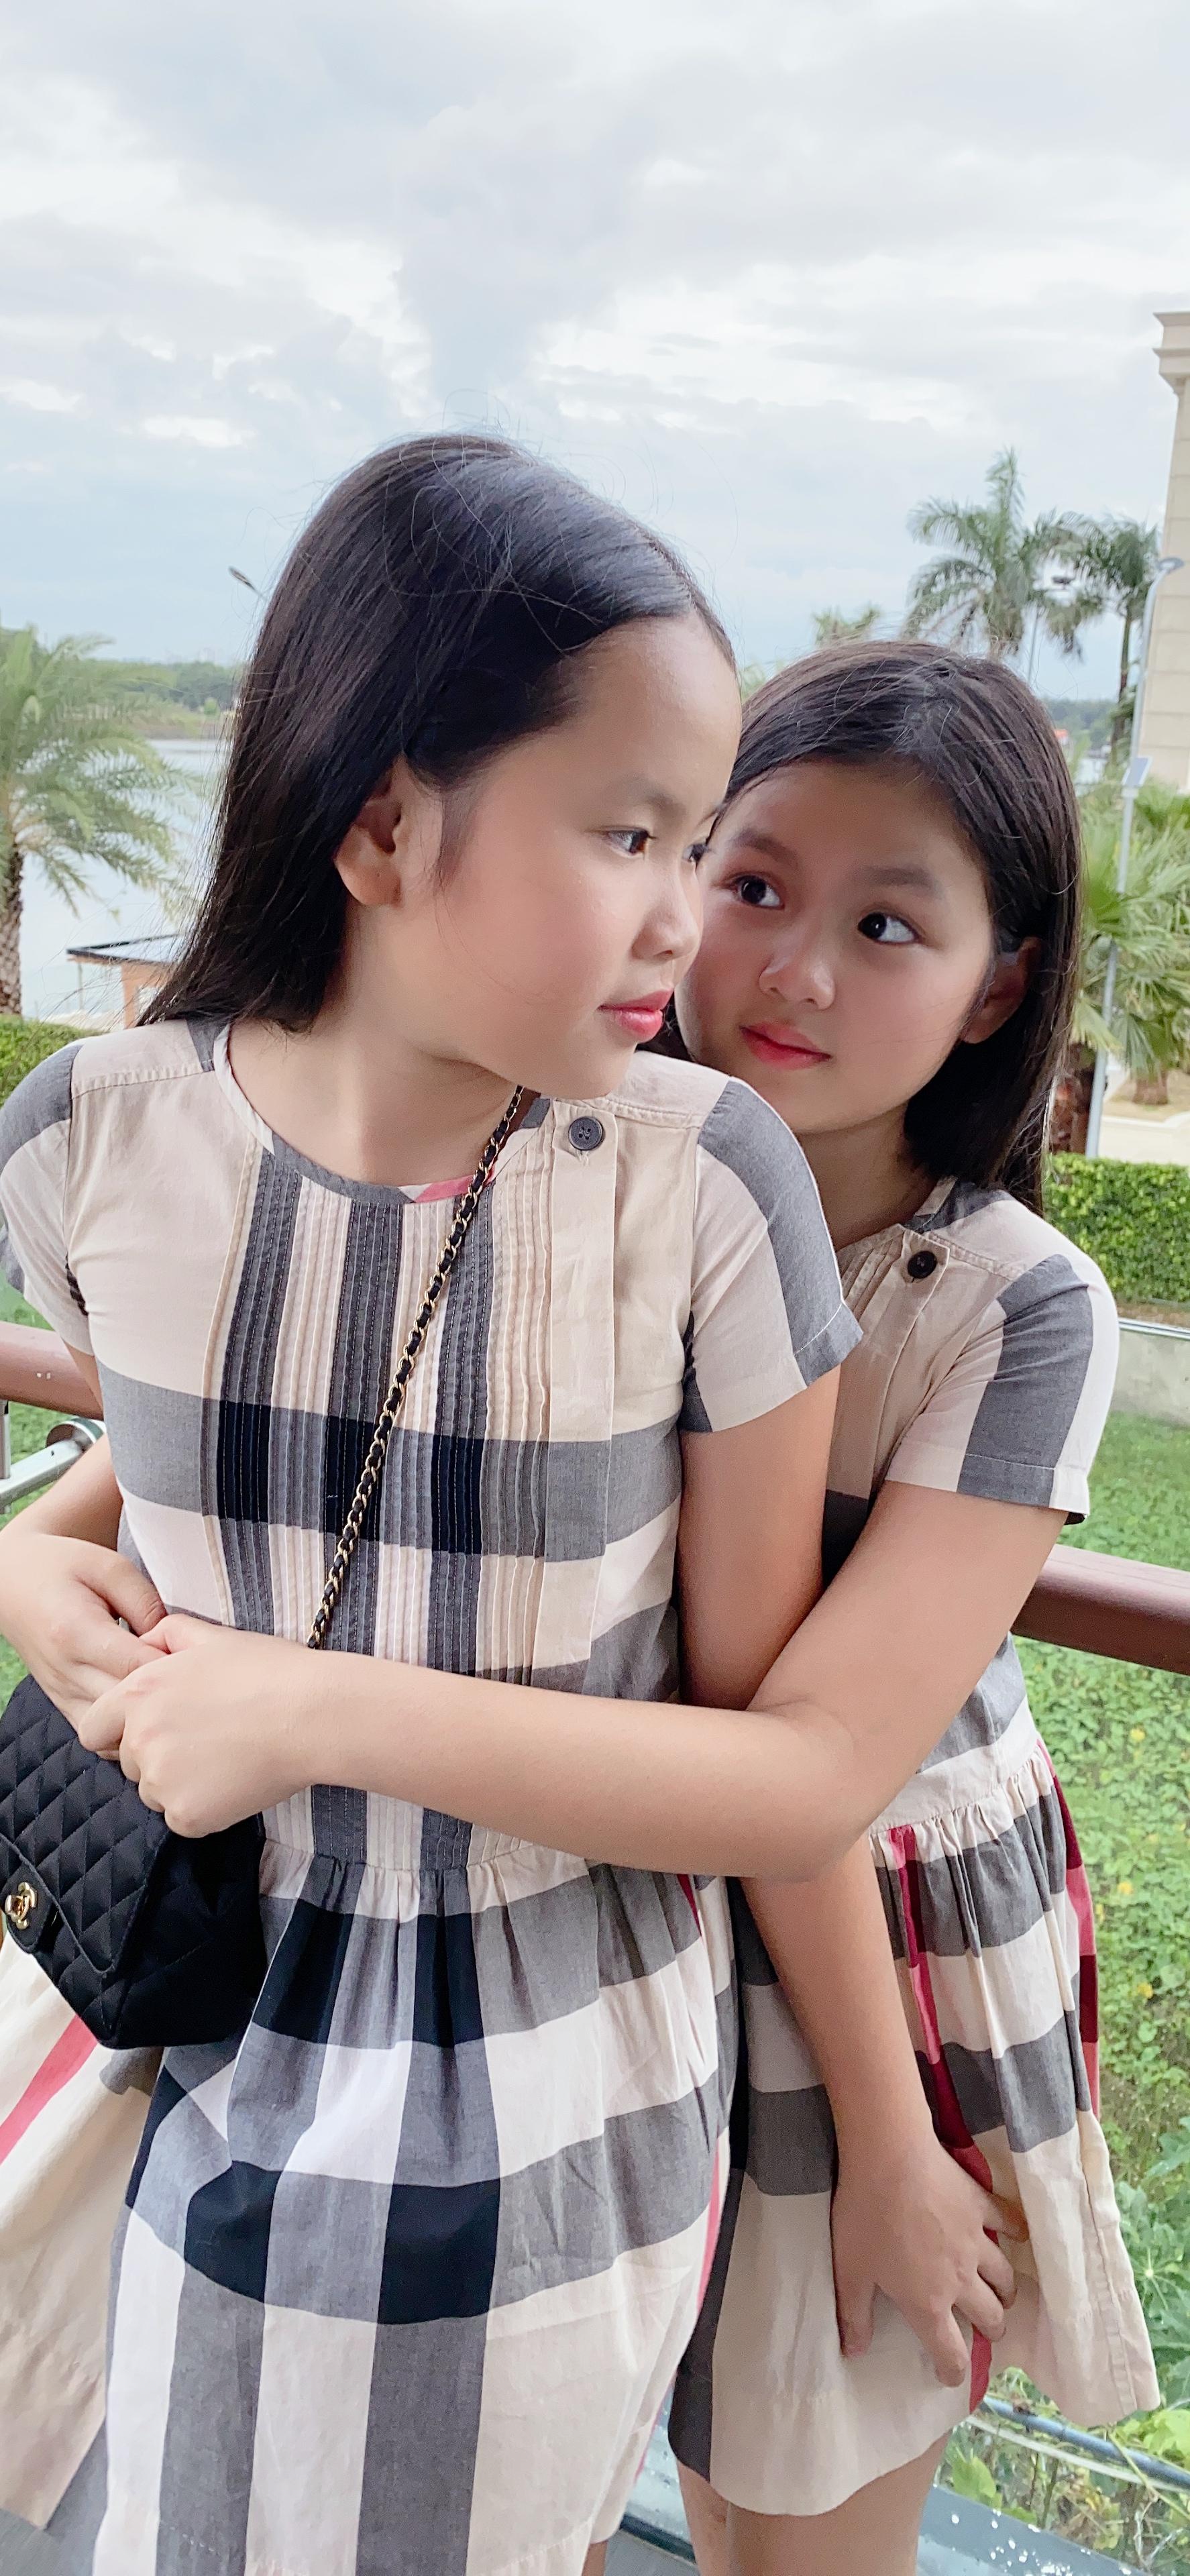 Bất ngờ với vẻ ngoài cực kỳ đáng yêu của hai con gái sinh đôi nhà Hoa hậu Phương Lê, nhìn số lượng đồ hiệu mà ai cũng ghen tị 1